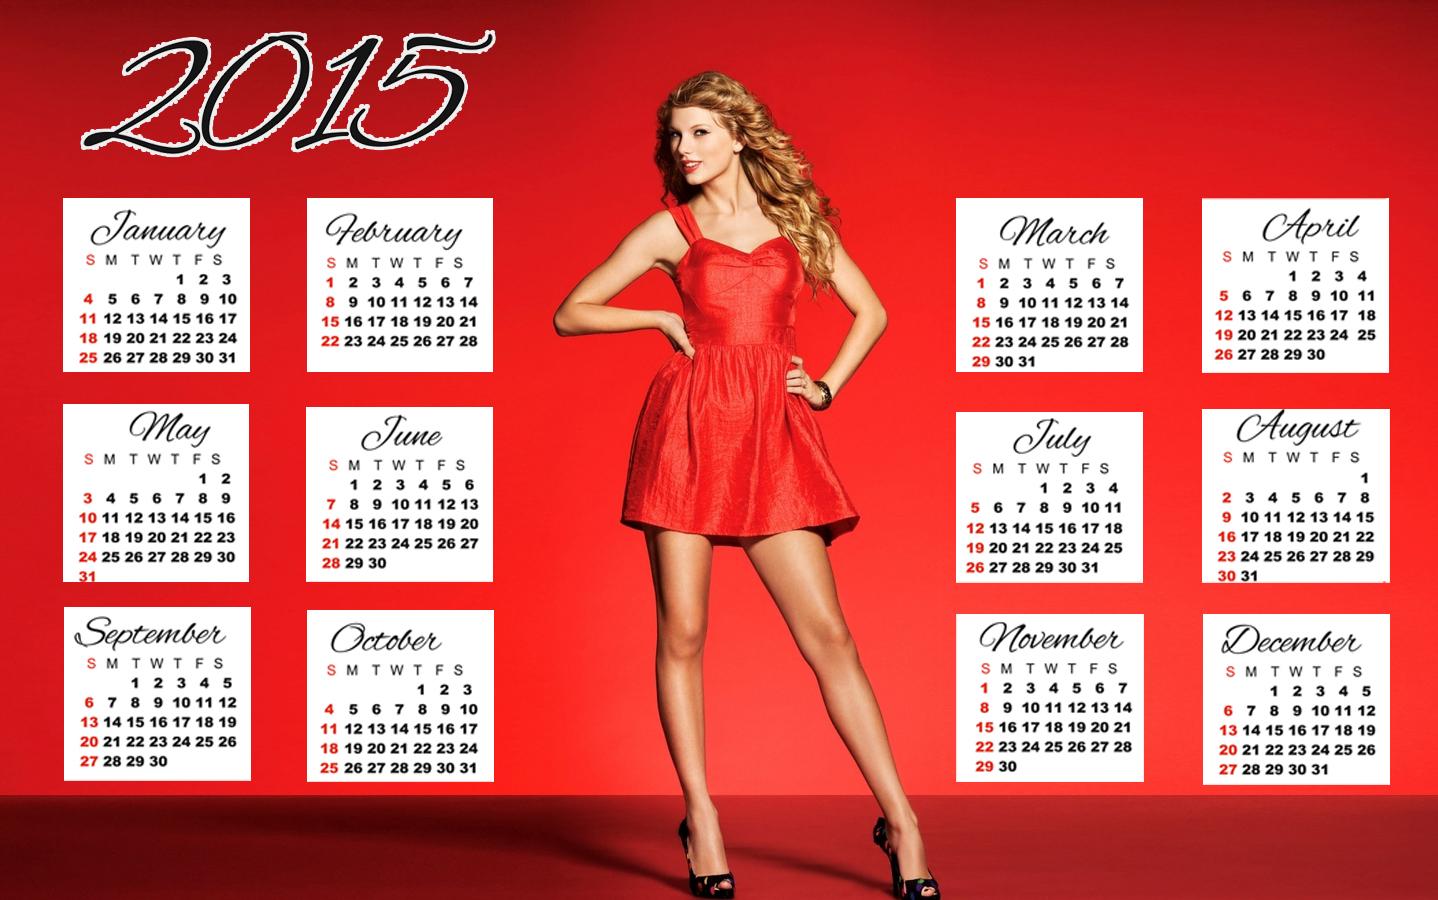 Taylor Swift red dress long hair style wallpaper calendar 2015 1438x900